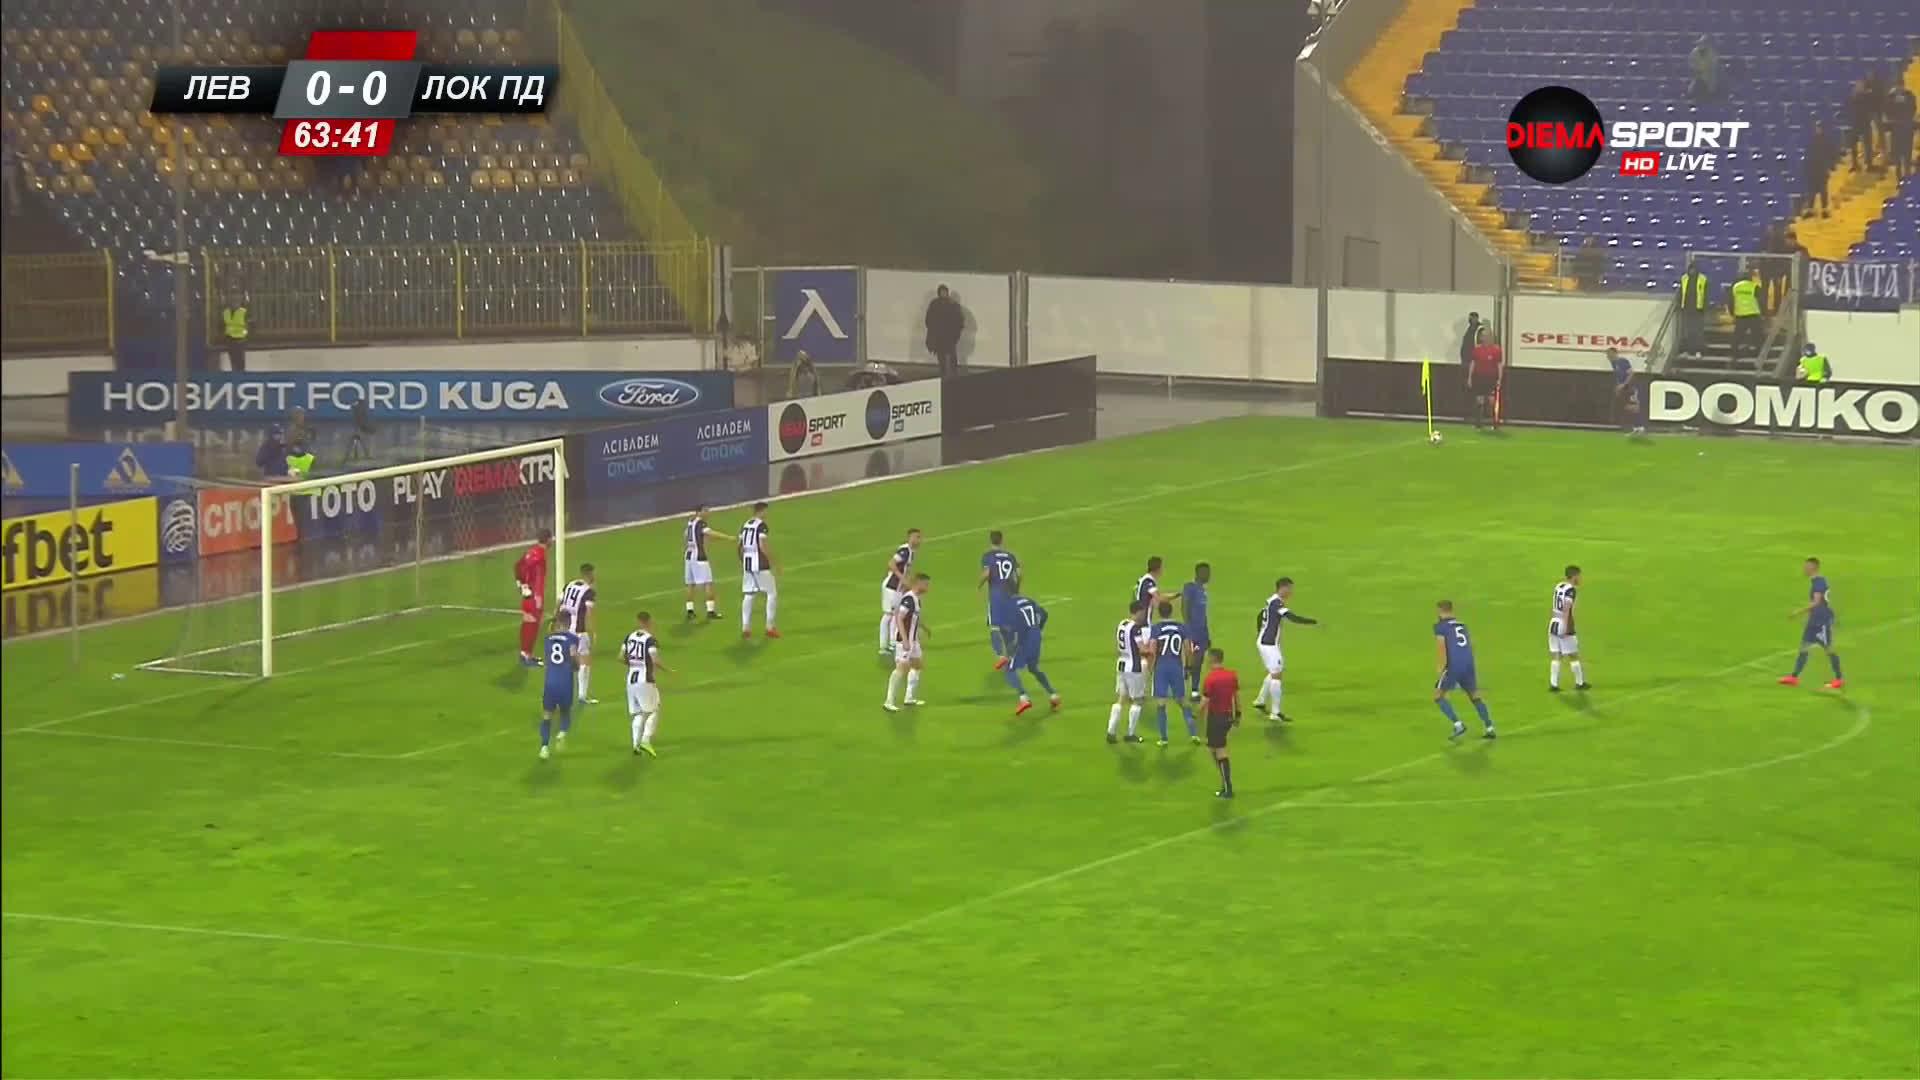 Левски - Локомотив Пловдив 0:0 /репортаж/